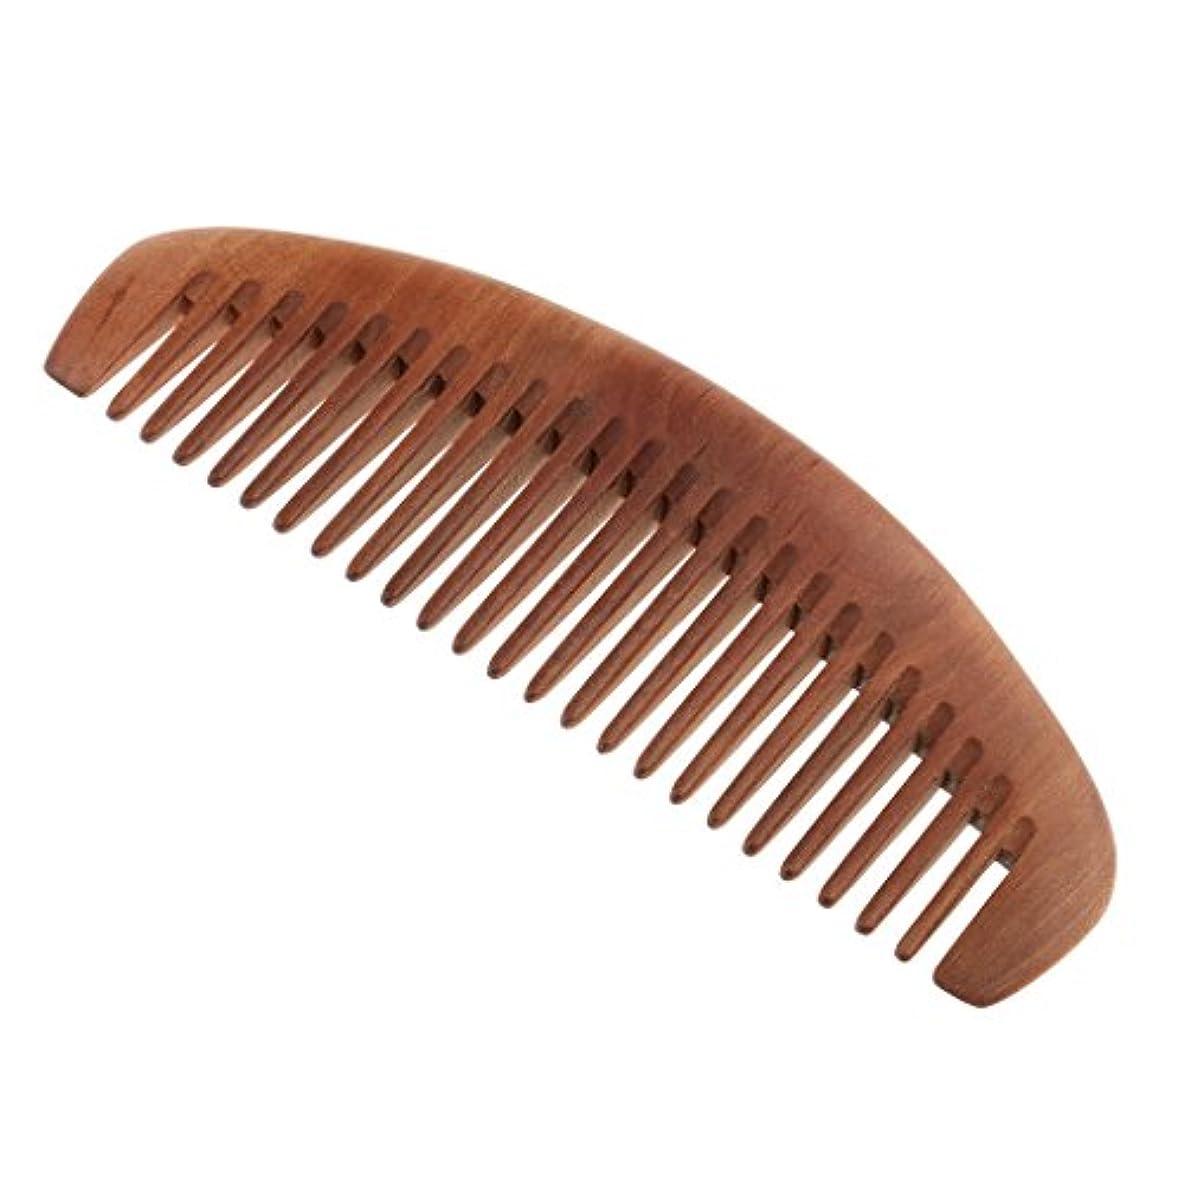 困惑私たちのショップT TOOYFUL 木製櫛 アンチスタティック 頭皮マッサージ 桃の木 歯 ヘアケア 櫛マッサージ 静電気防止 全2種類 - ワイド歯